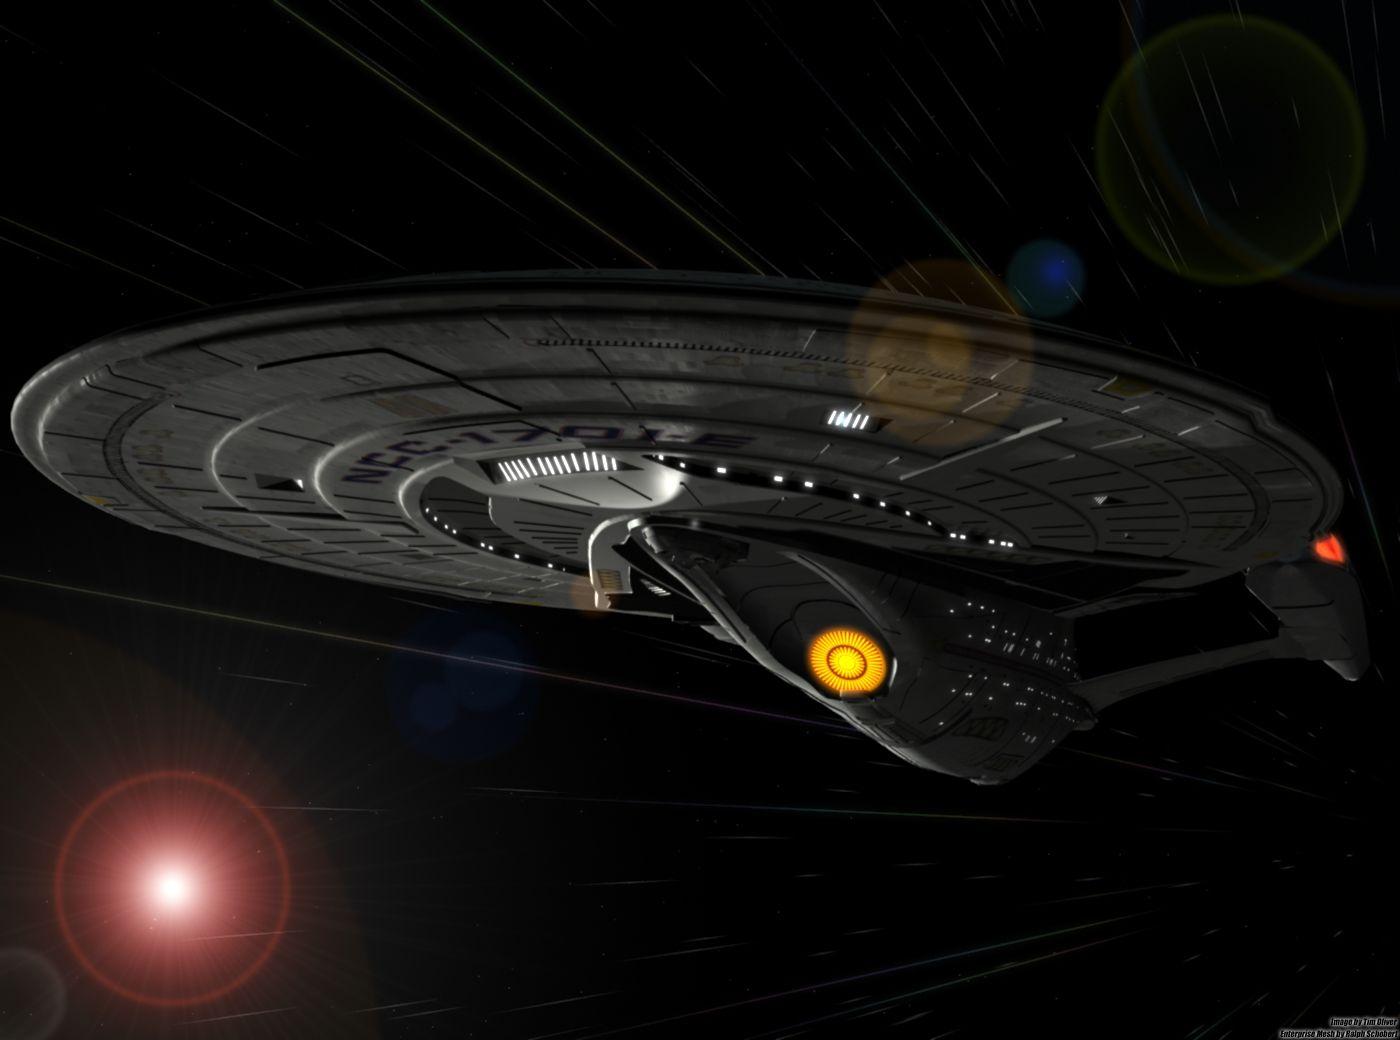 Uss enterprise ncc 1701 d galaxy class saucer separation r flickr - Uss Enterprise Ncc 1701 E